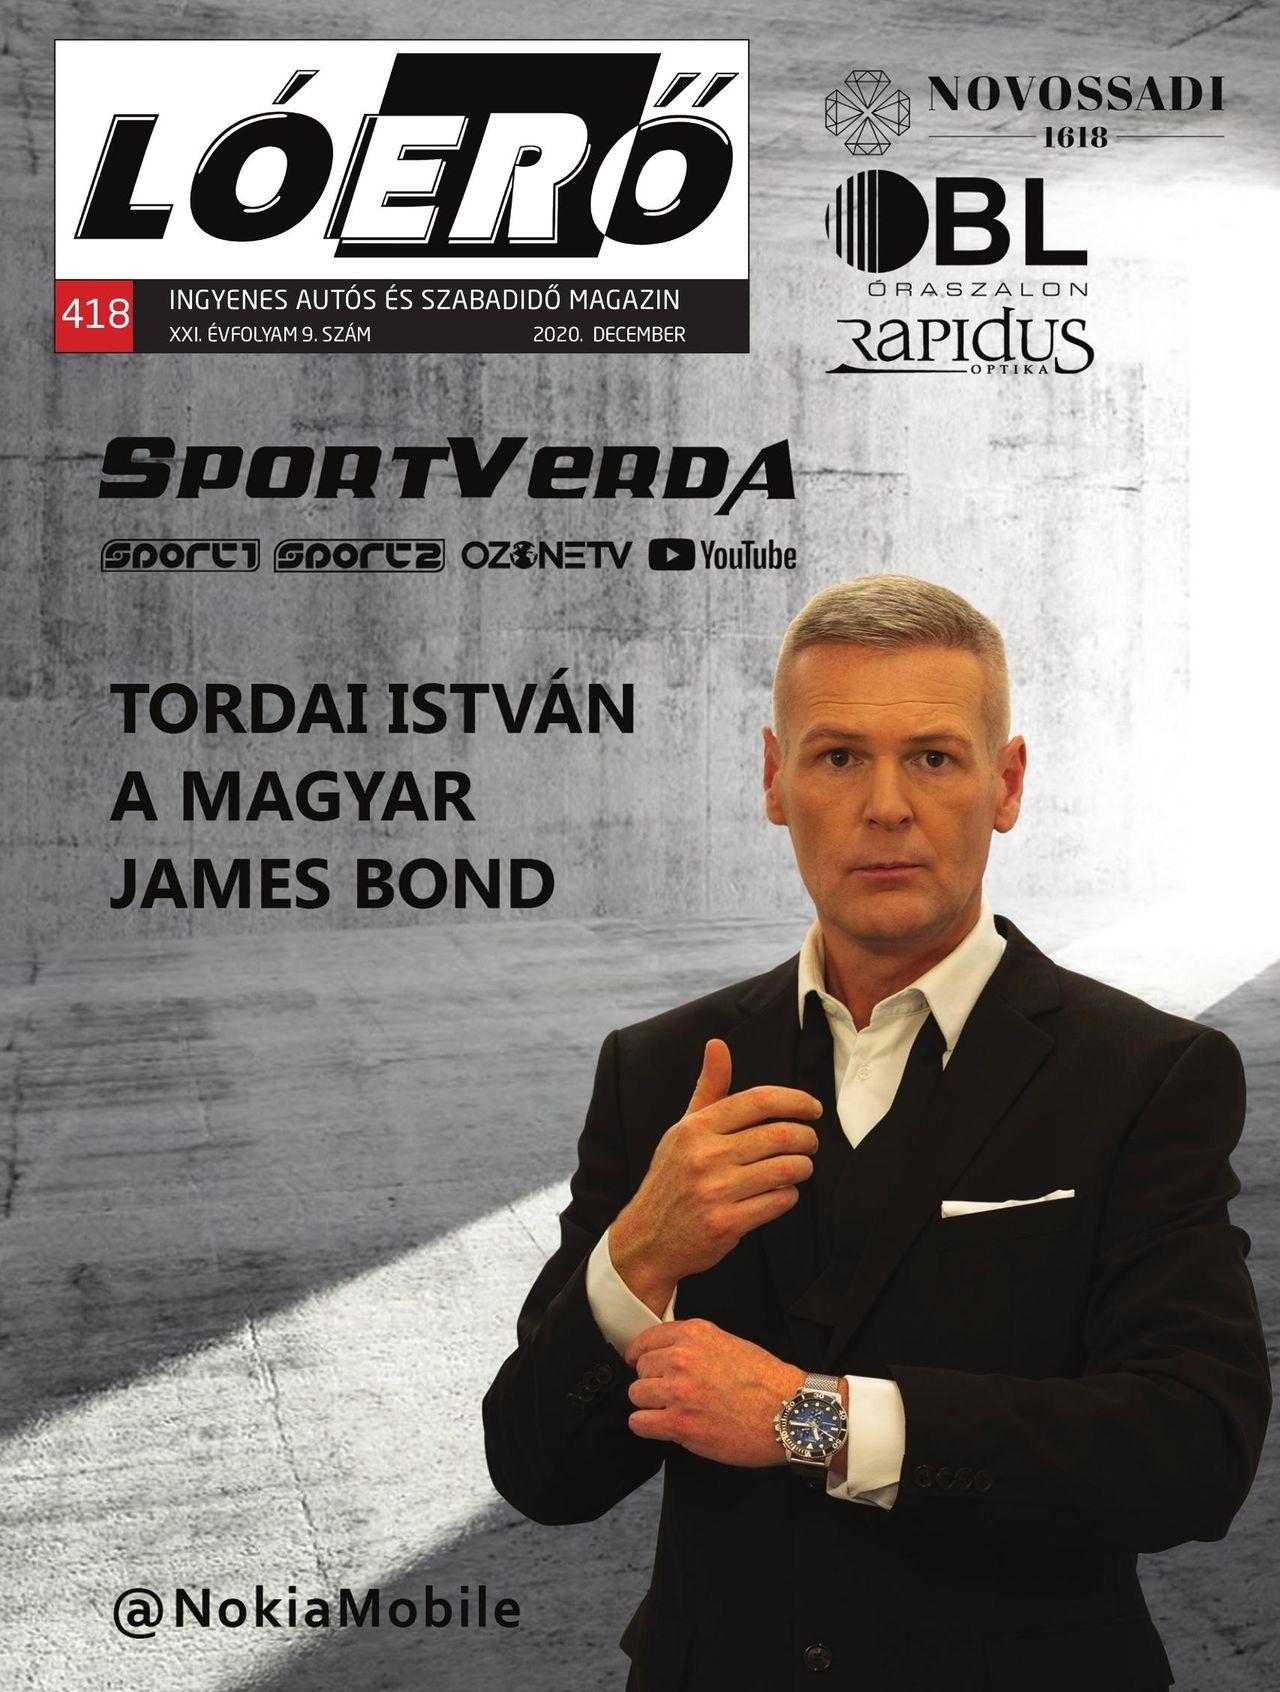 Loero címlap Tordai István James Bond